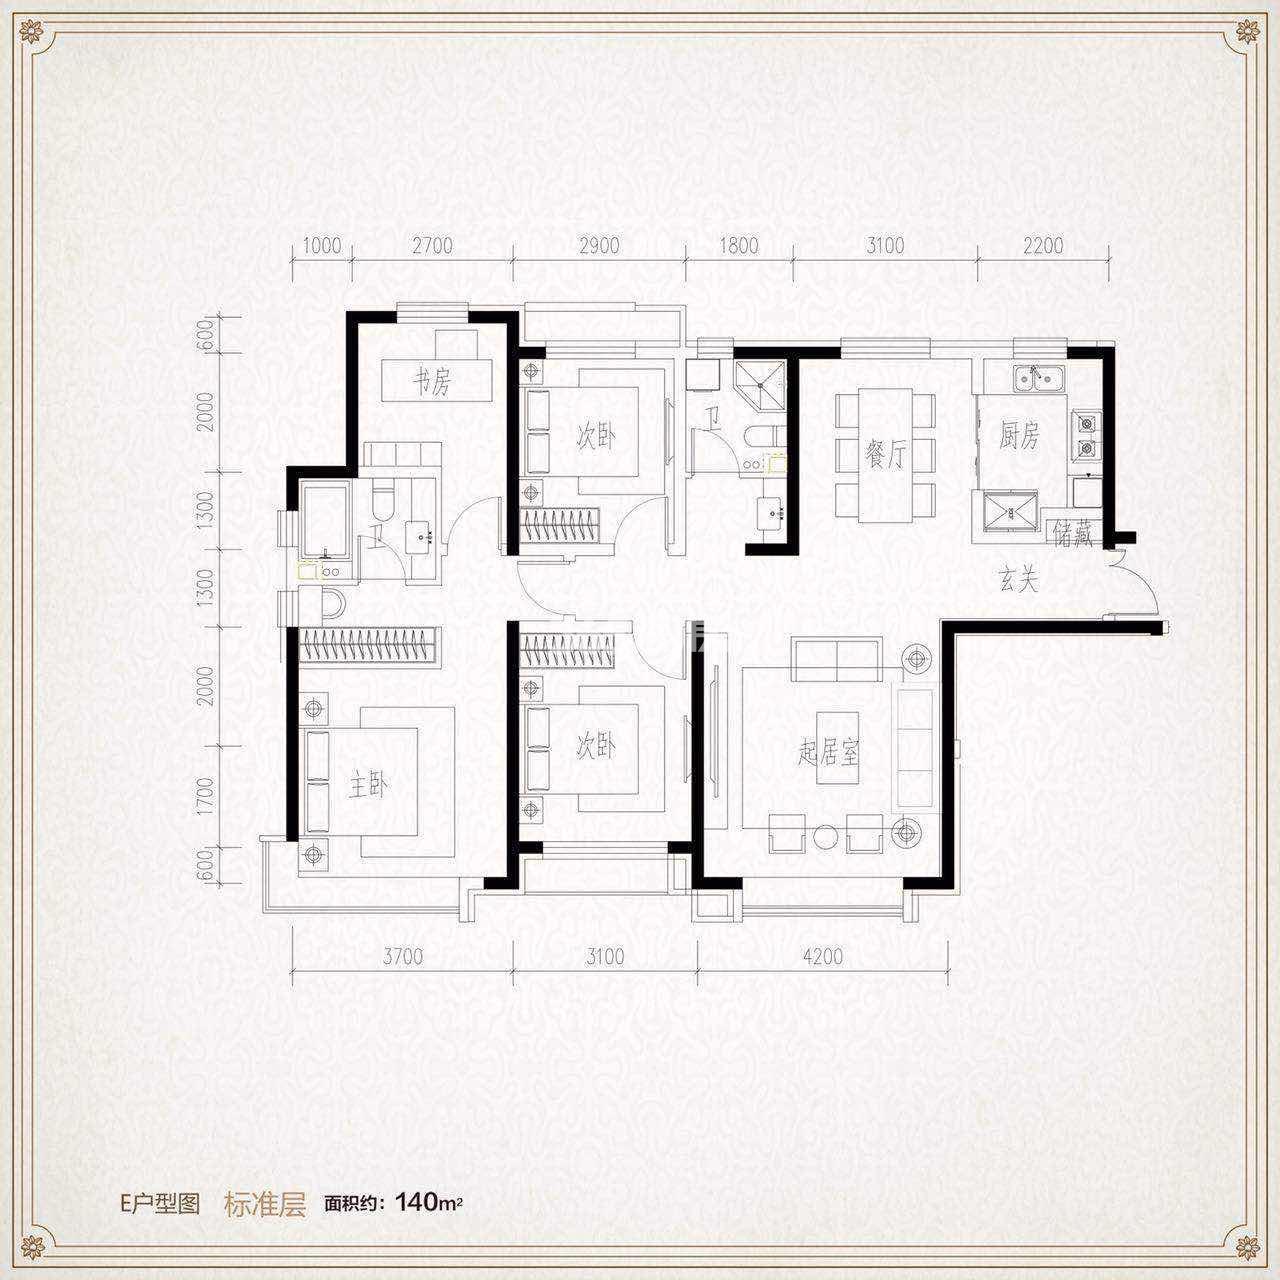 140平米四室两厅